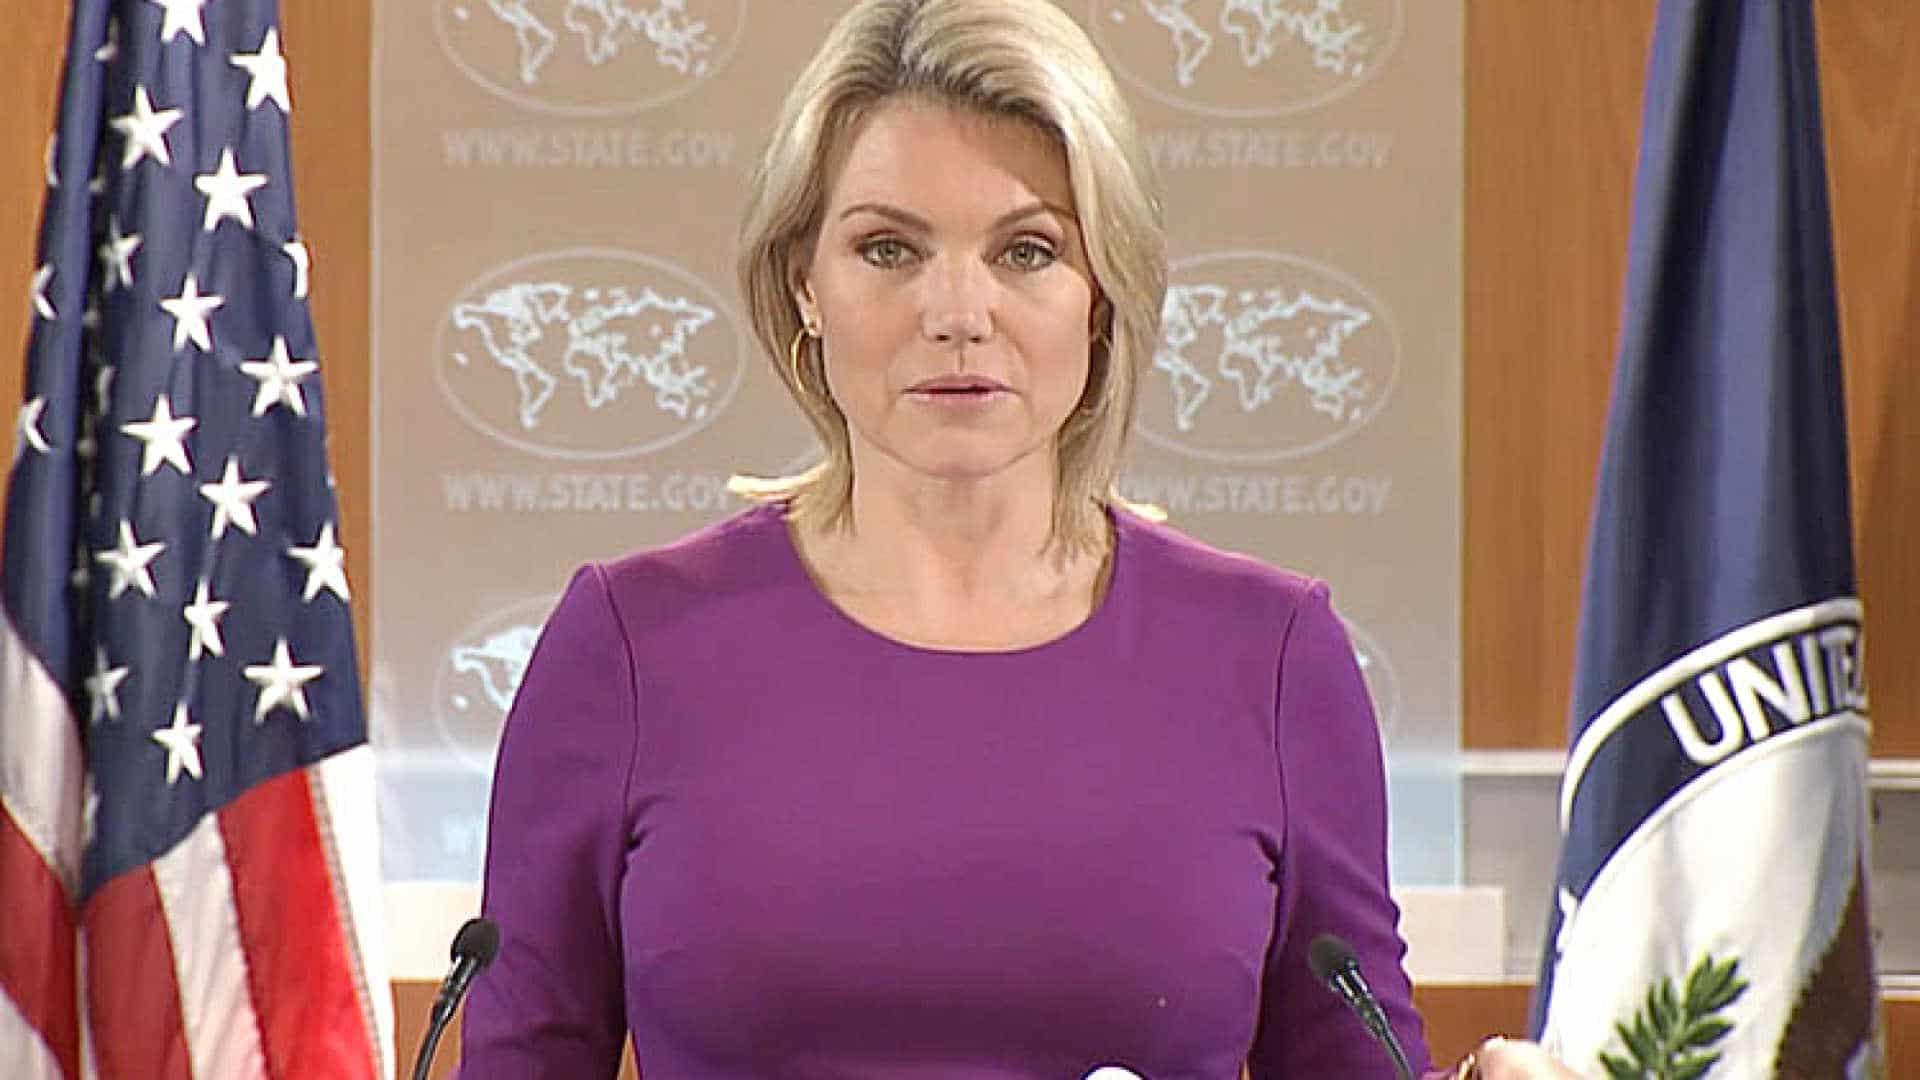 ex-jornalista da fox renuncia a candidatura a embaixadora dos eua na onu - HEATHER NAUERT - Ex-jornalista da Fox renuncia a candidatura a embaixadora dos EUA na ONU